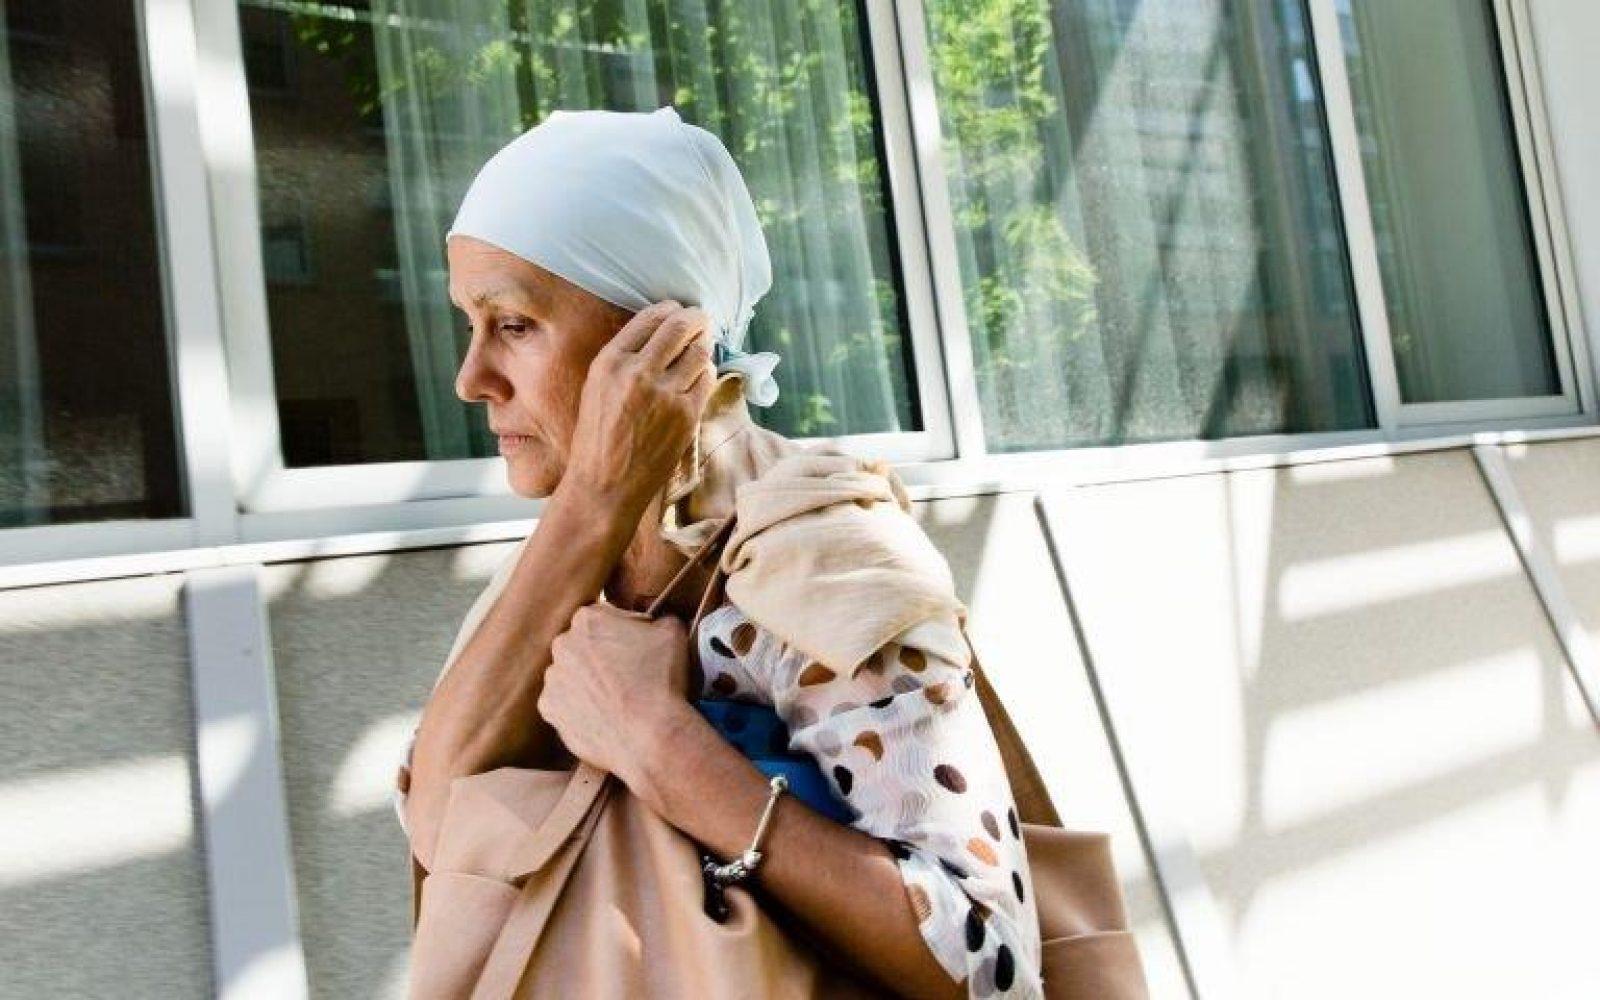 zenska z rakom bojevnica